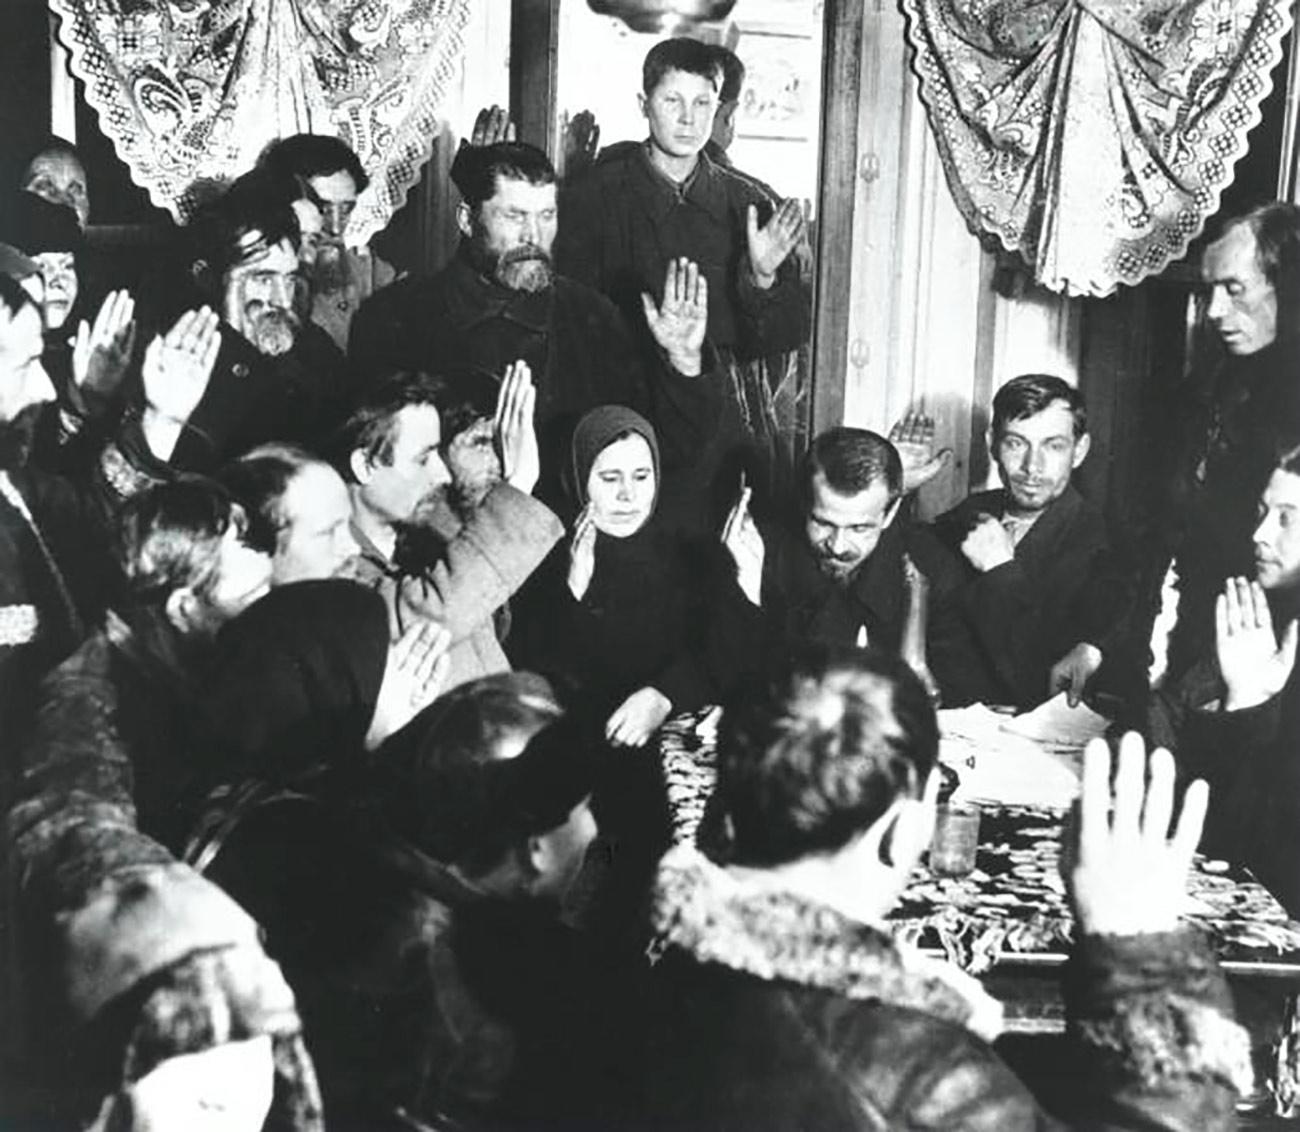 Sovjetske oblasti so upale, da bo kolektivizacija bistveno povečala oskrbo mestnega prebivalstva s hrano. To je bilo izrednega pomena, saj je povečanje števila delavcev v objektih in tovarnah pomenilo večjo potrebo po hrani.